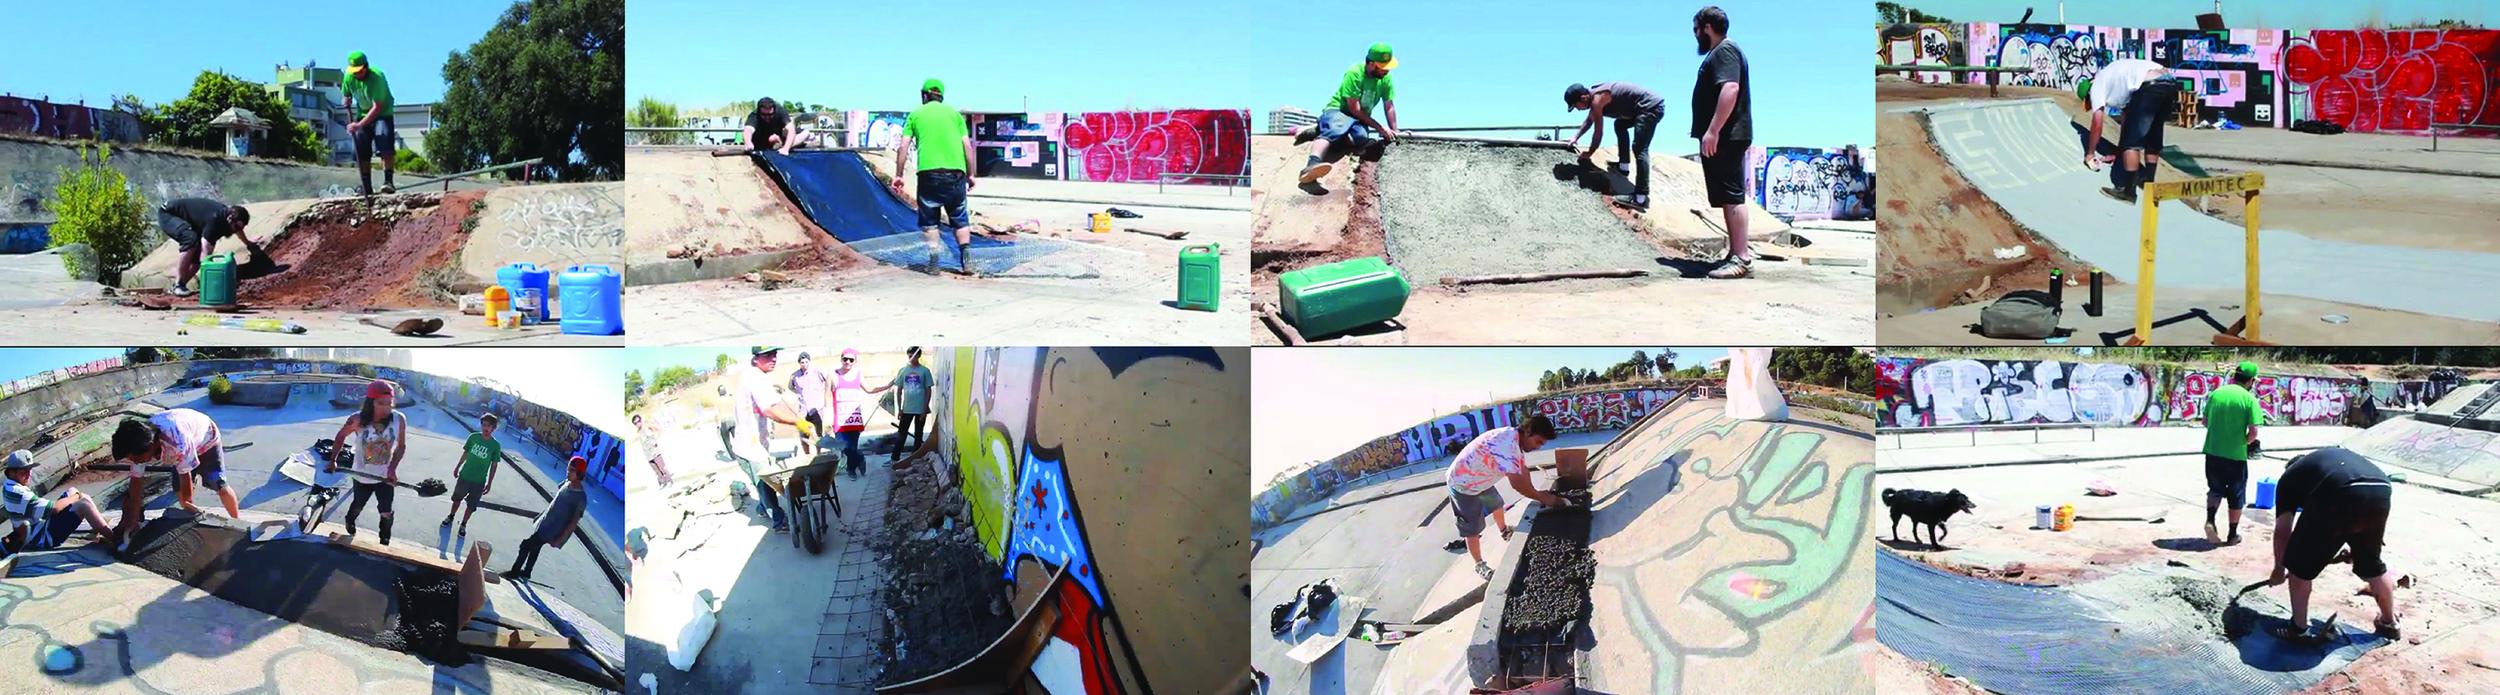 """(5) Compilación de  stills  de  skaters  andando el lugar extraídas del video """" ROSWELL """" disponible en < https://www.youtube.com/watch?v=2dG-H9Xyq5g > © Joaquín Cerda D. para  LOFscapes"""